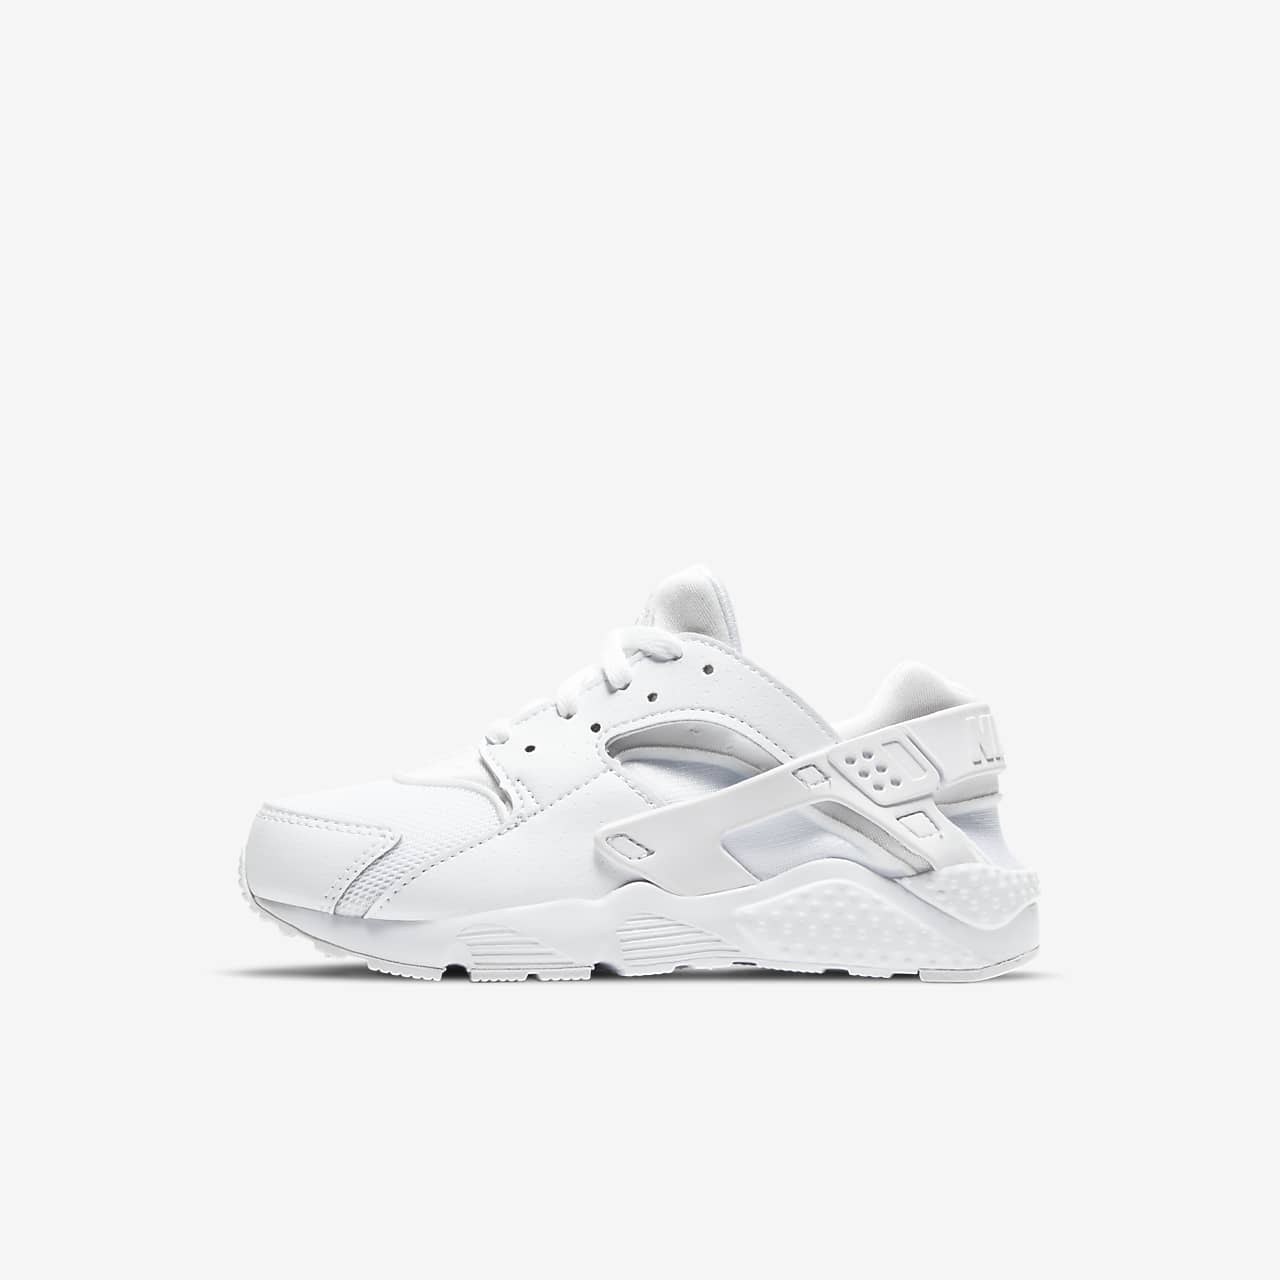 scarpe huarache bambino 27